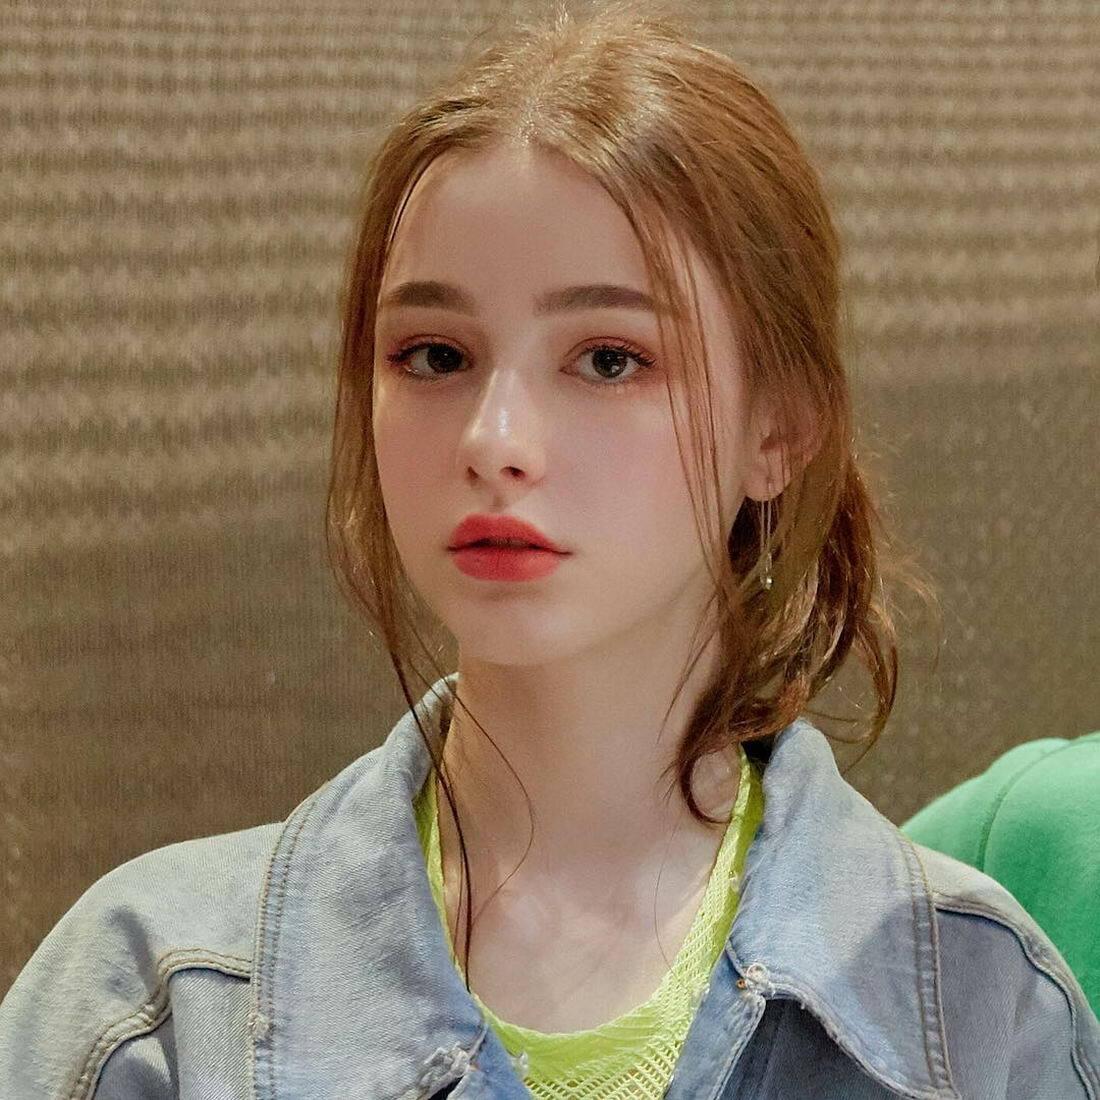 Vẻ sexy của con gái Âu Mỹ với mốt tóc như vừa ngủ dậy - 16